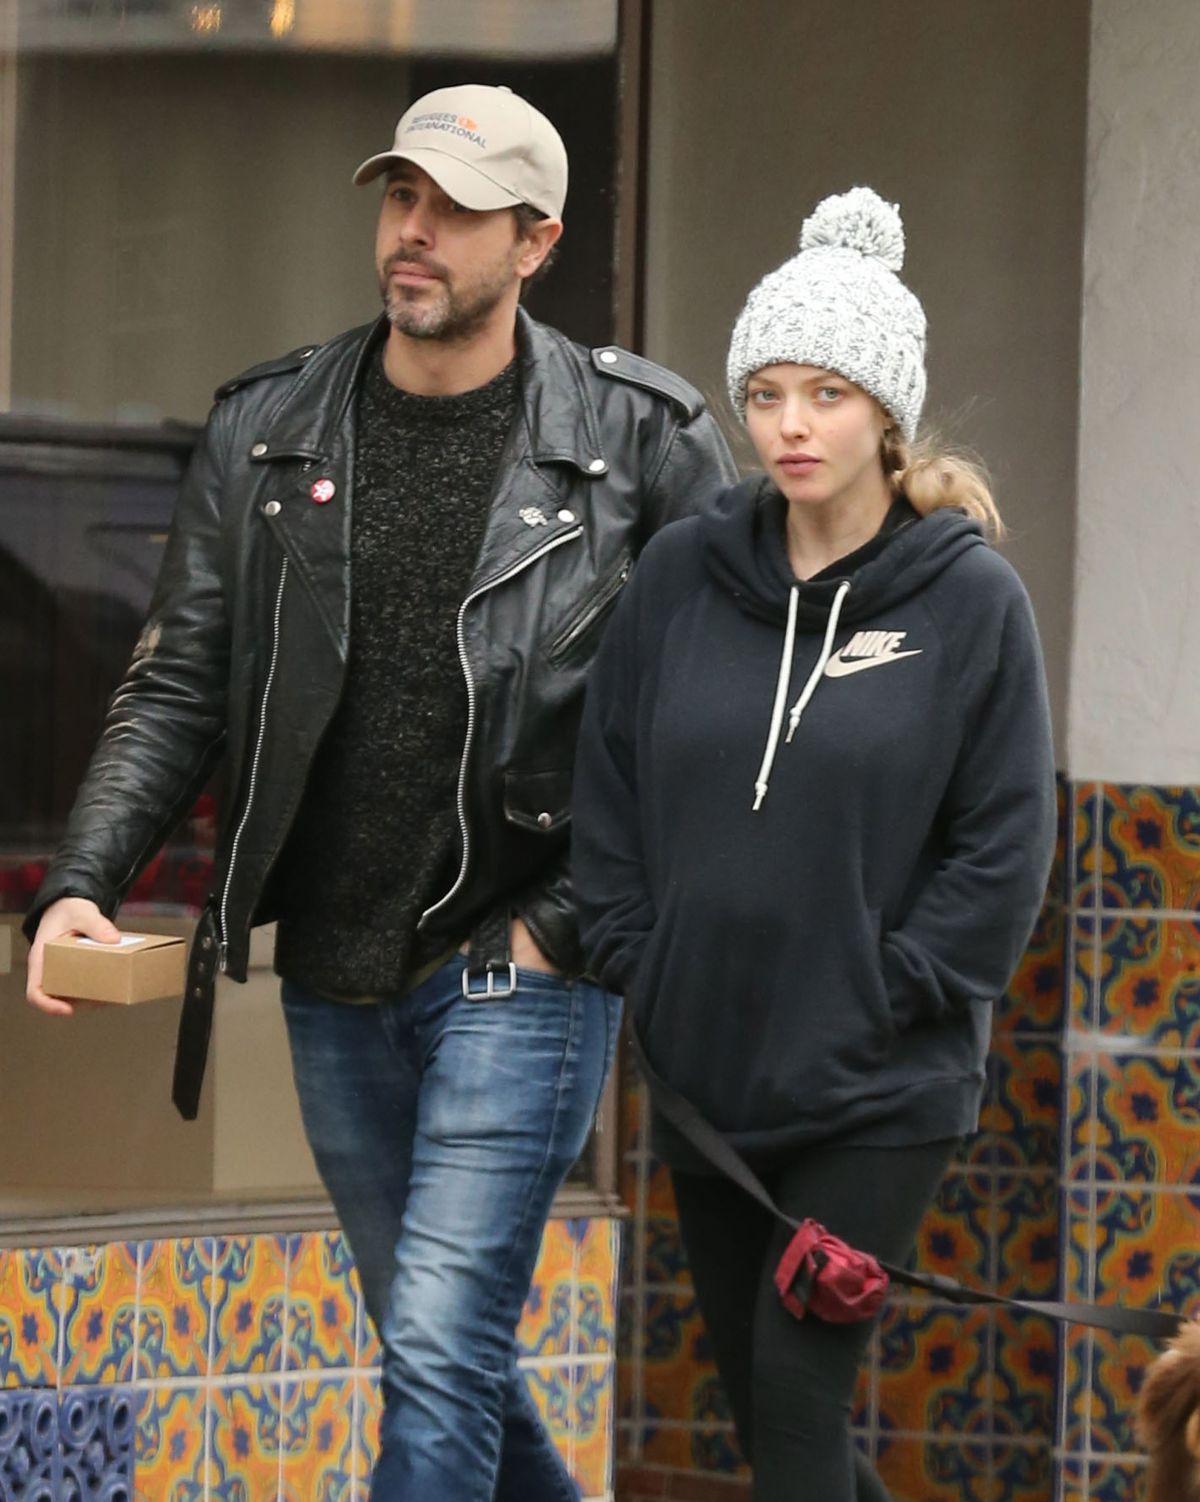 Pregnant AMANDA SEYFRIED and Thomas Sadoski Out in Hollywood 02/06/2017